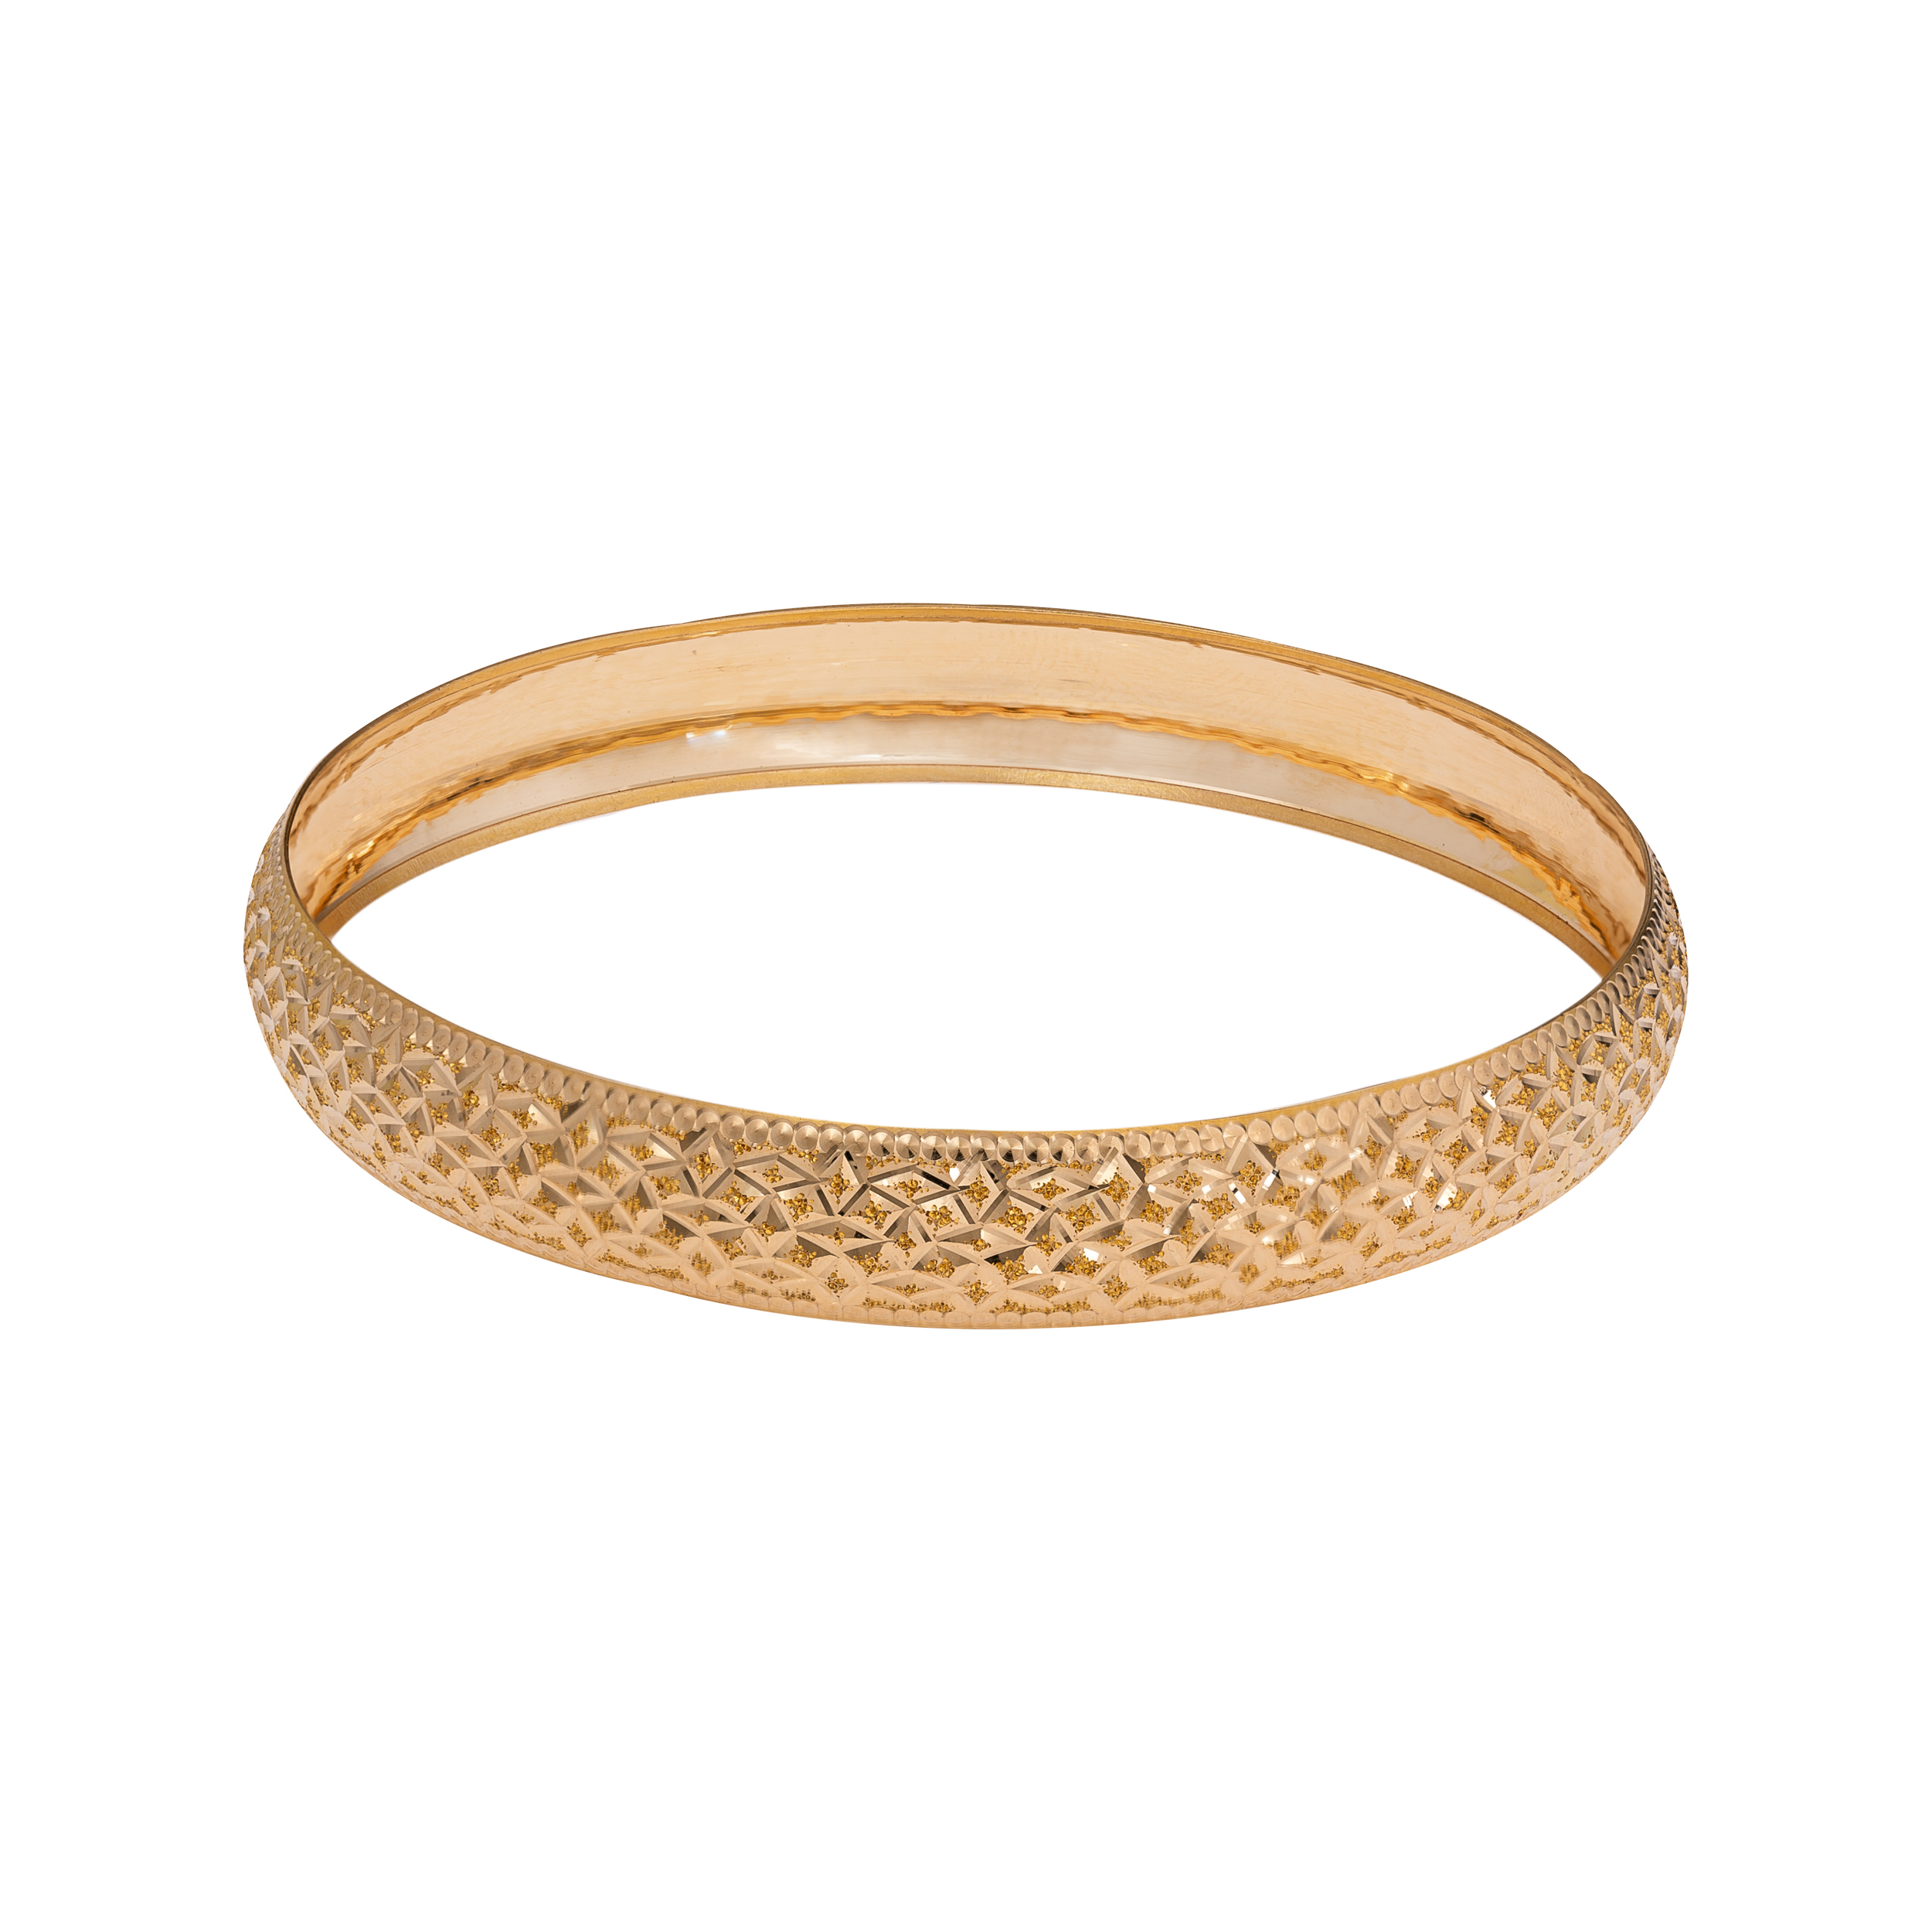 النگو  طلا 18 عیار زنانه گالری یارطلا کد AL06-G-1